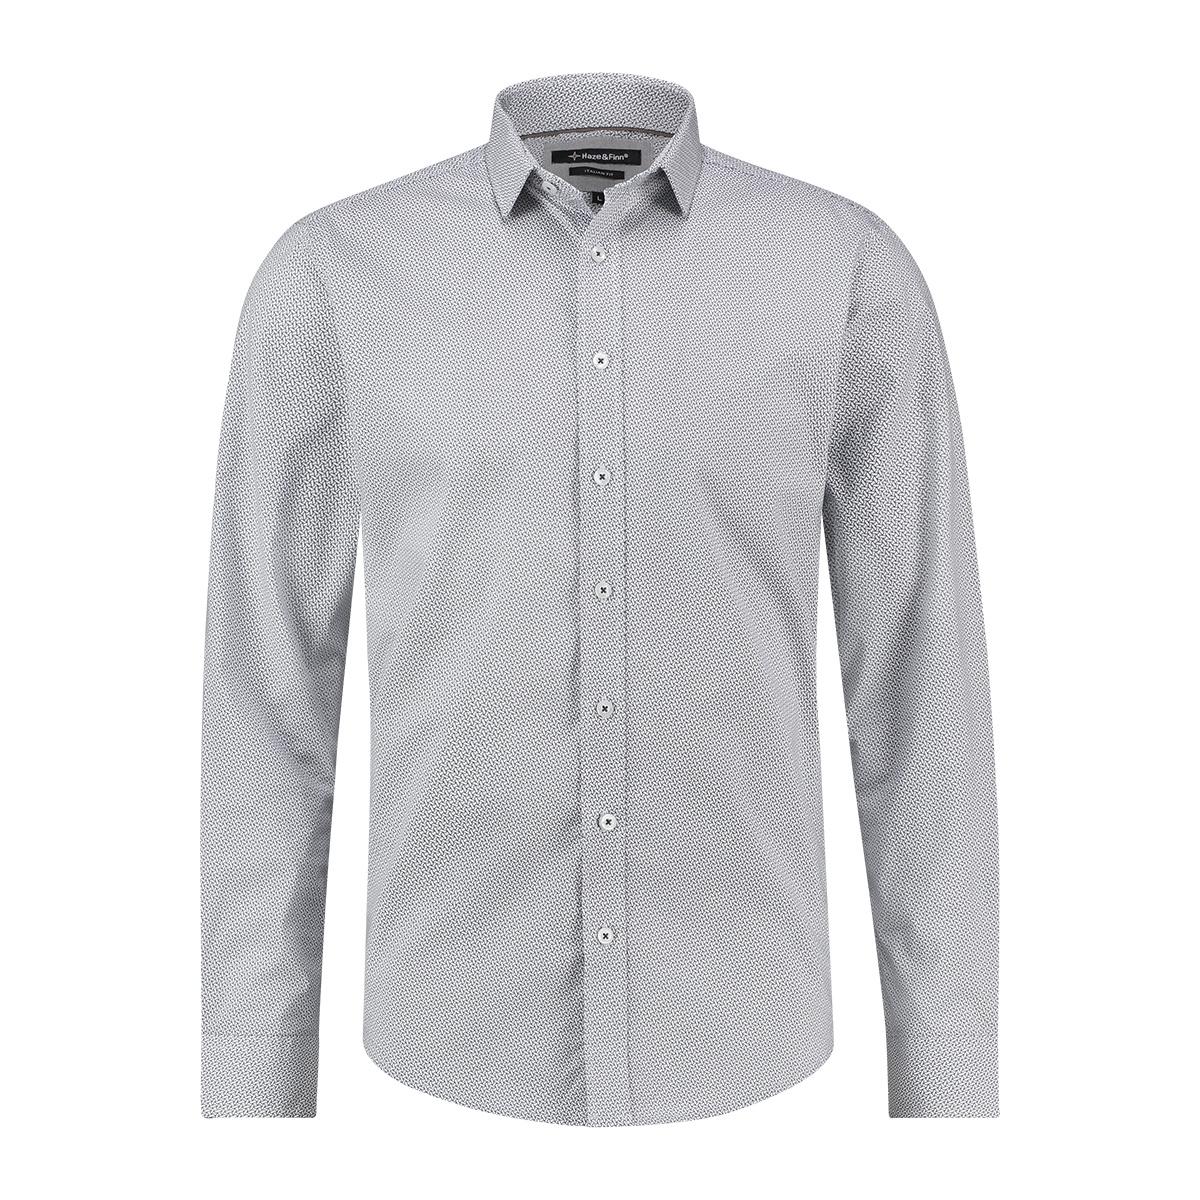 shirt aop stretch mc12 0100 35 haze & finn overhemd bamboo